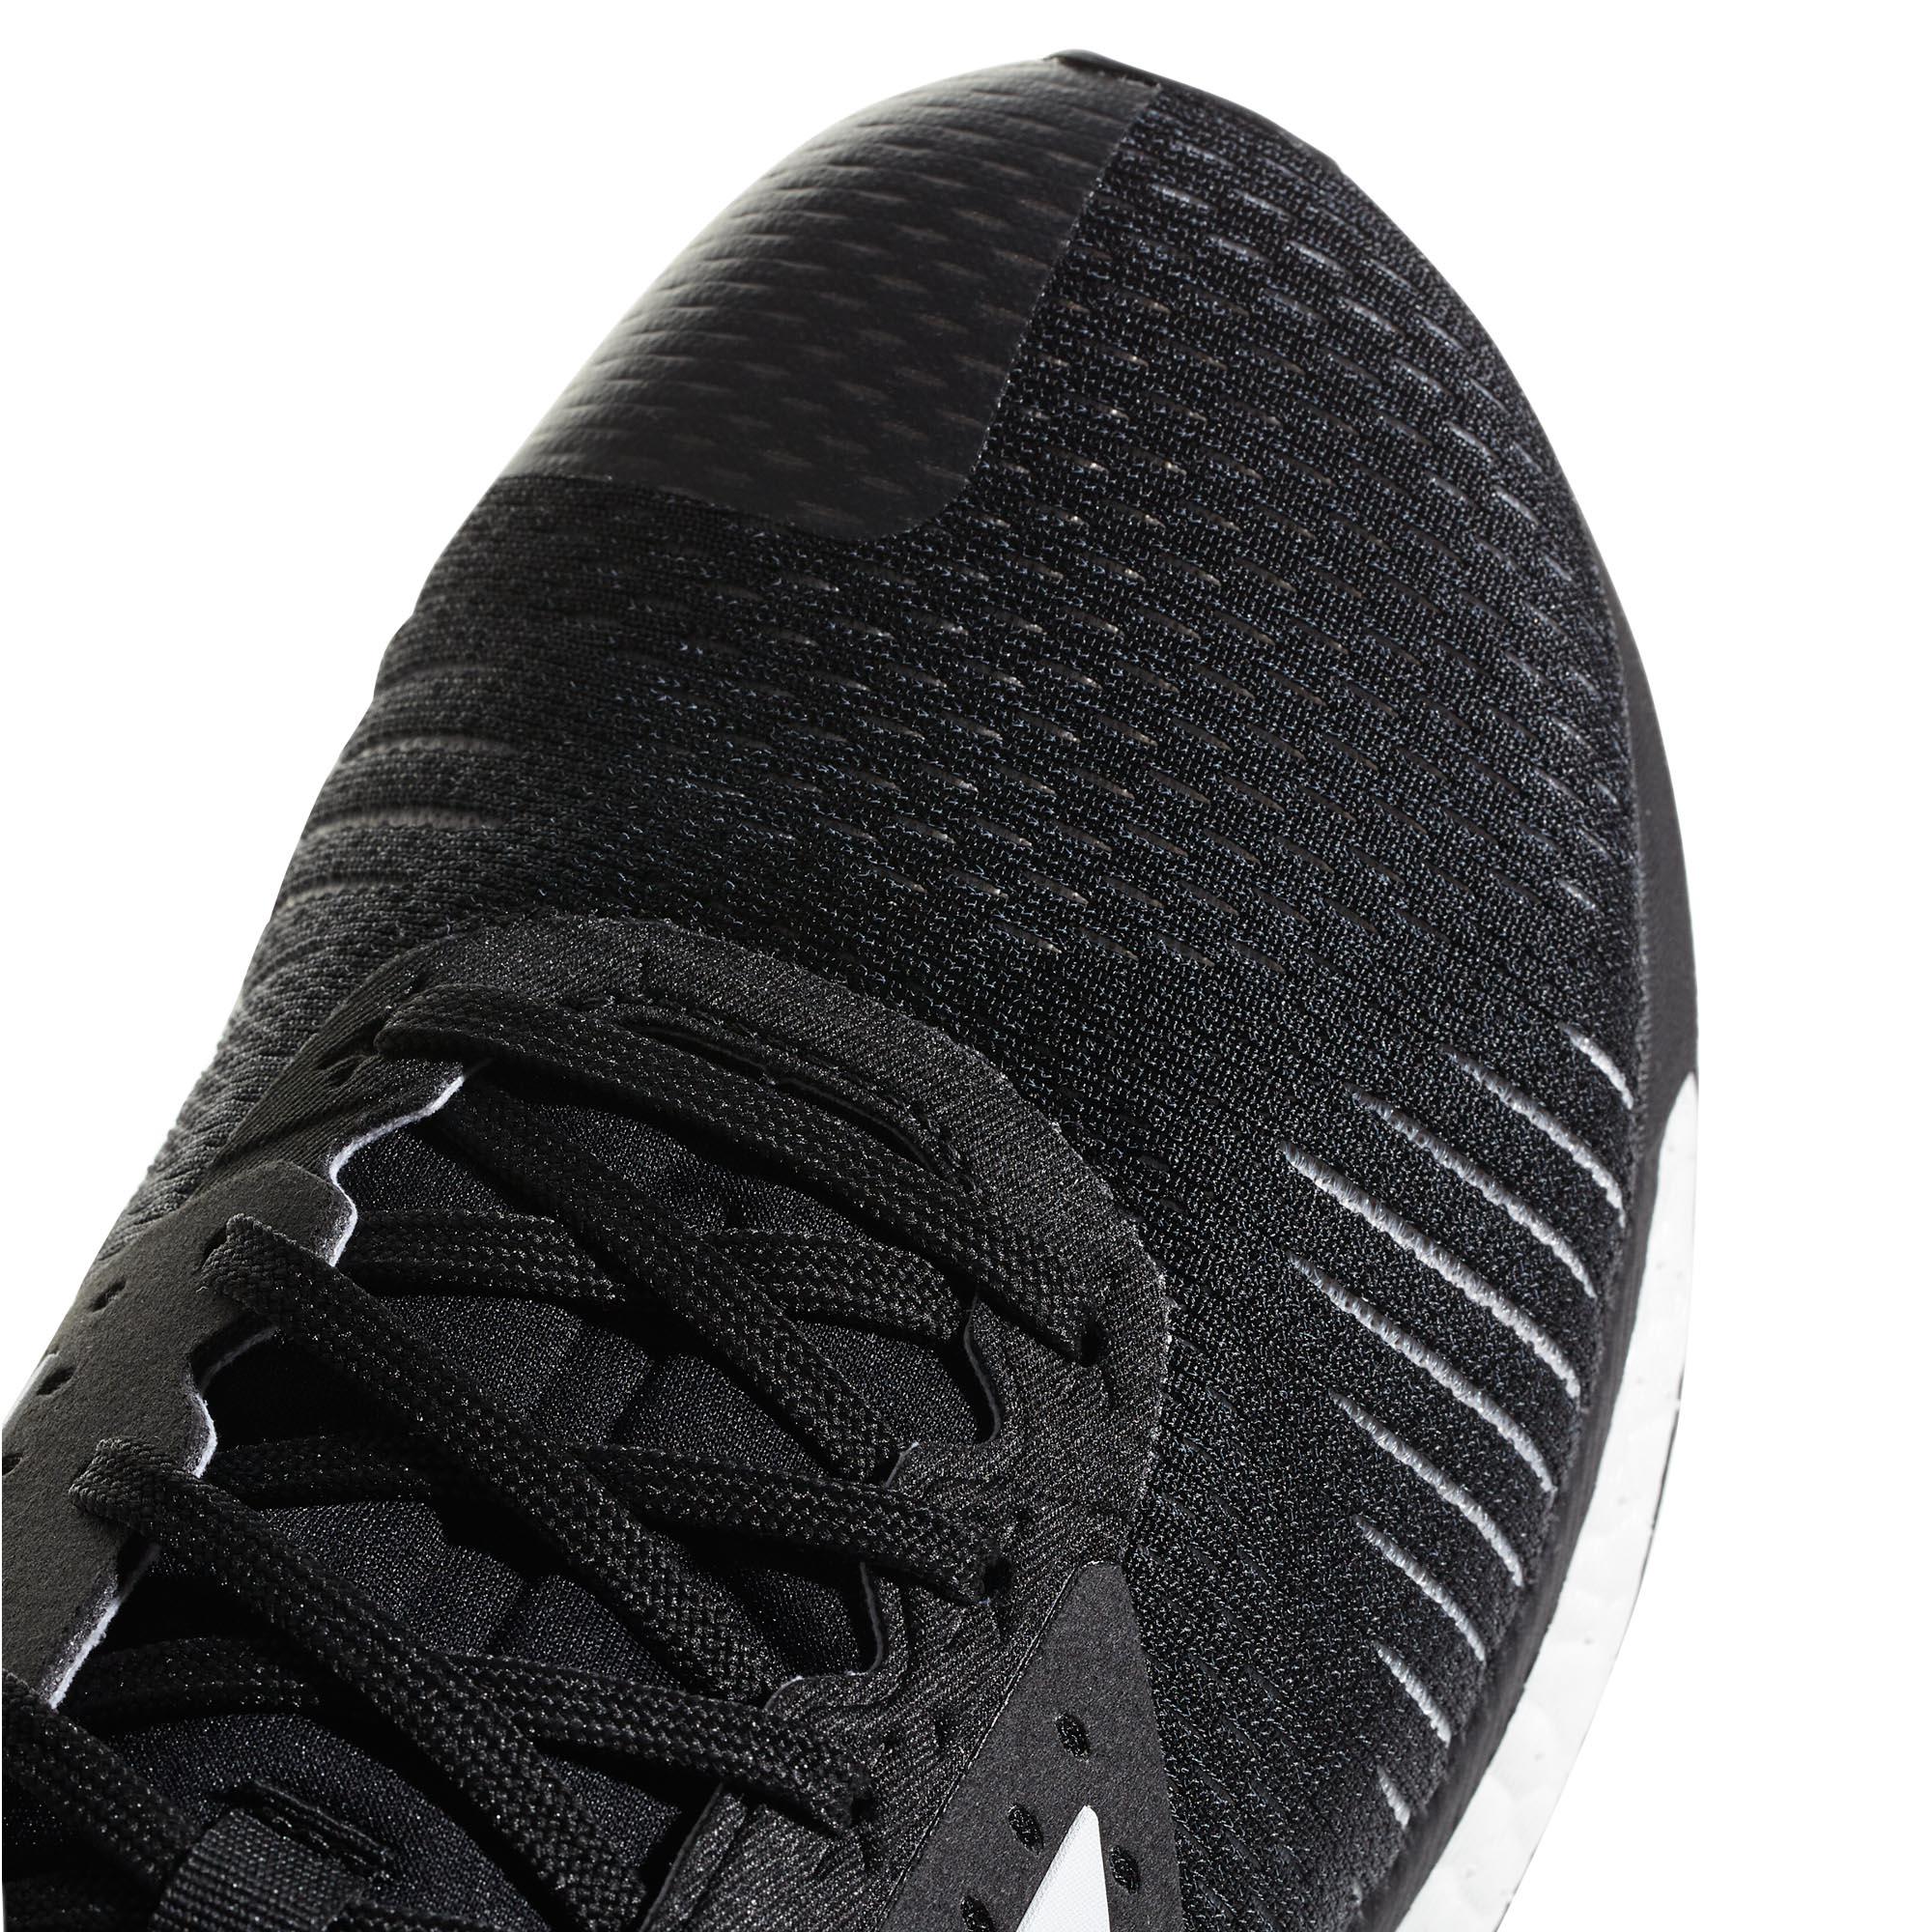 Adidas de homme blanc pour Chaussure course Solar Glide St structurée noir qIwIrB